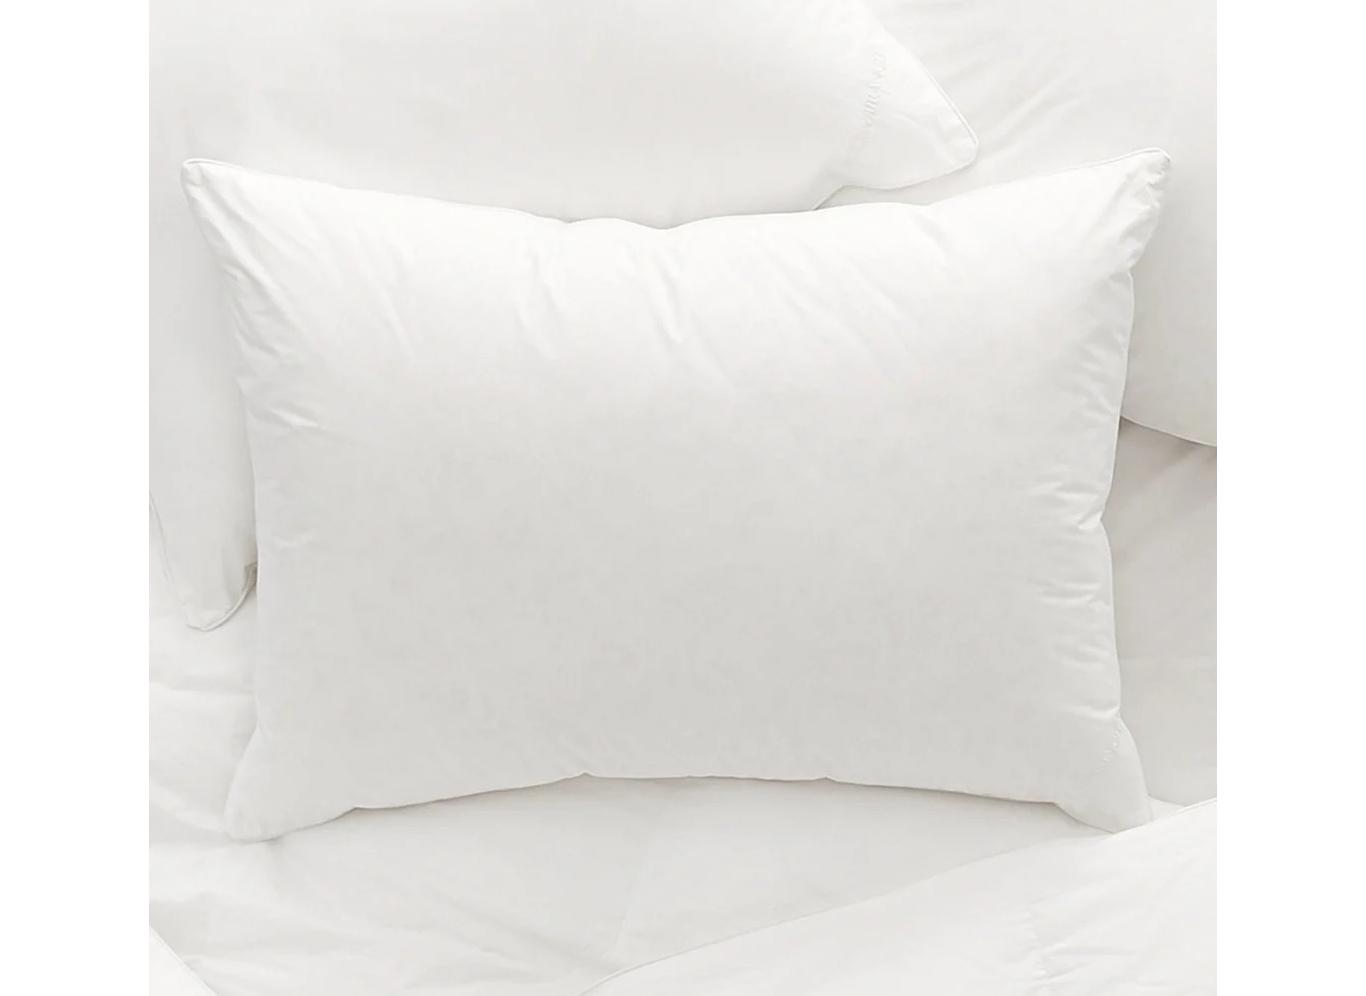 Pillows: Boll & Branch Down Alternative Pillow